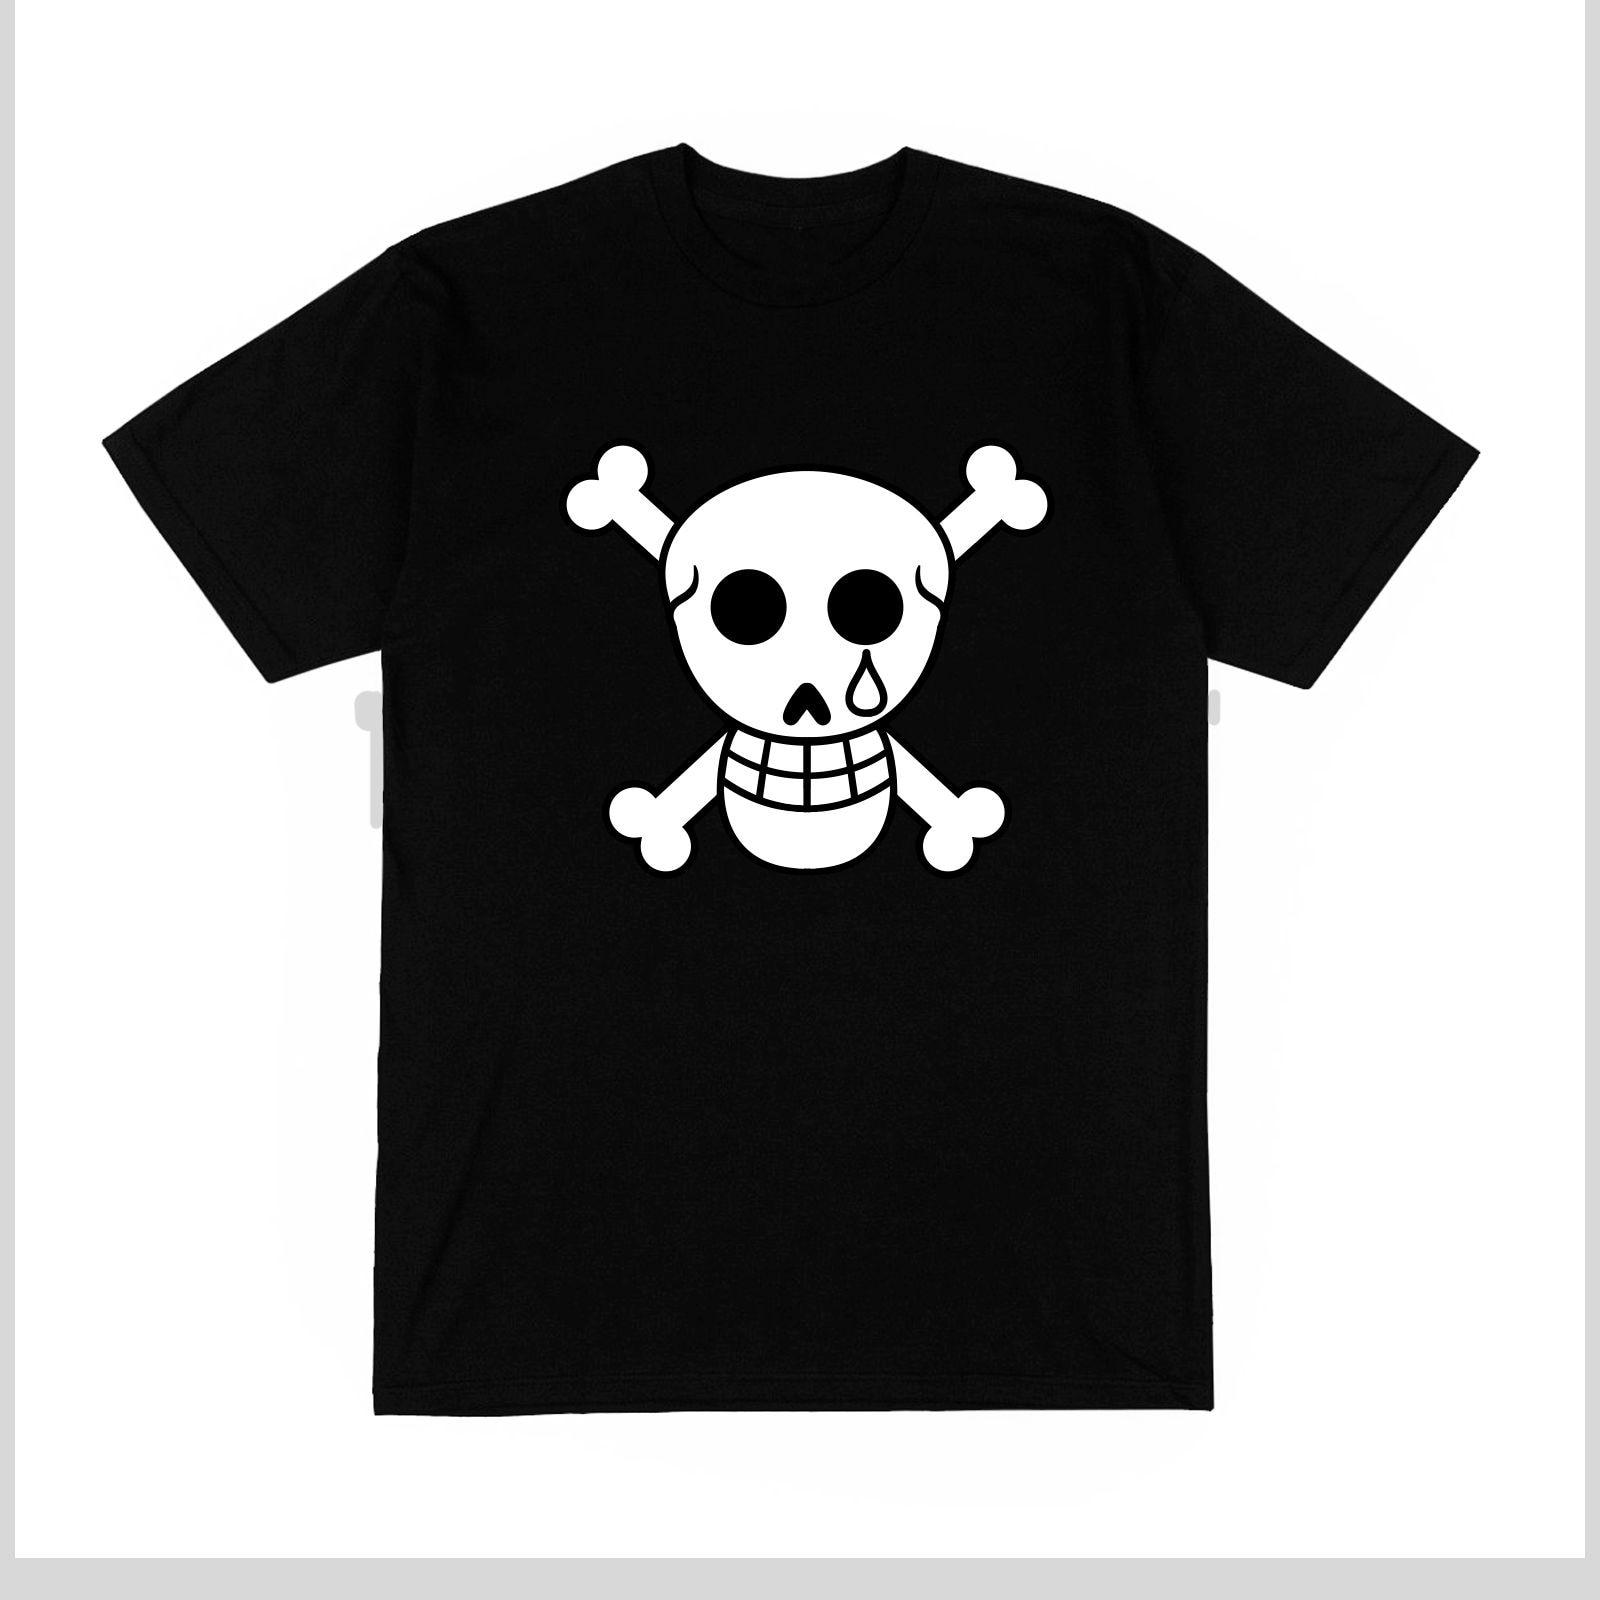 T-shirt Homme Tete Crane Mort Larme QLF PNL Rap Trap France Paris Mode Shirt Cotton High ...